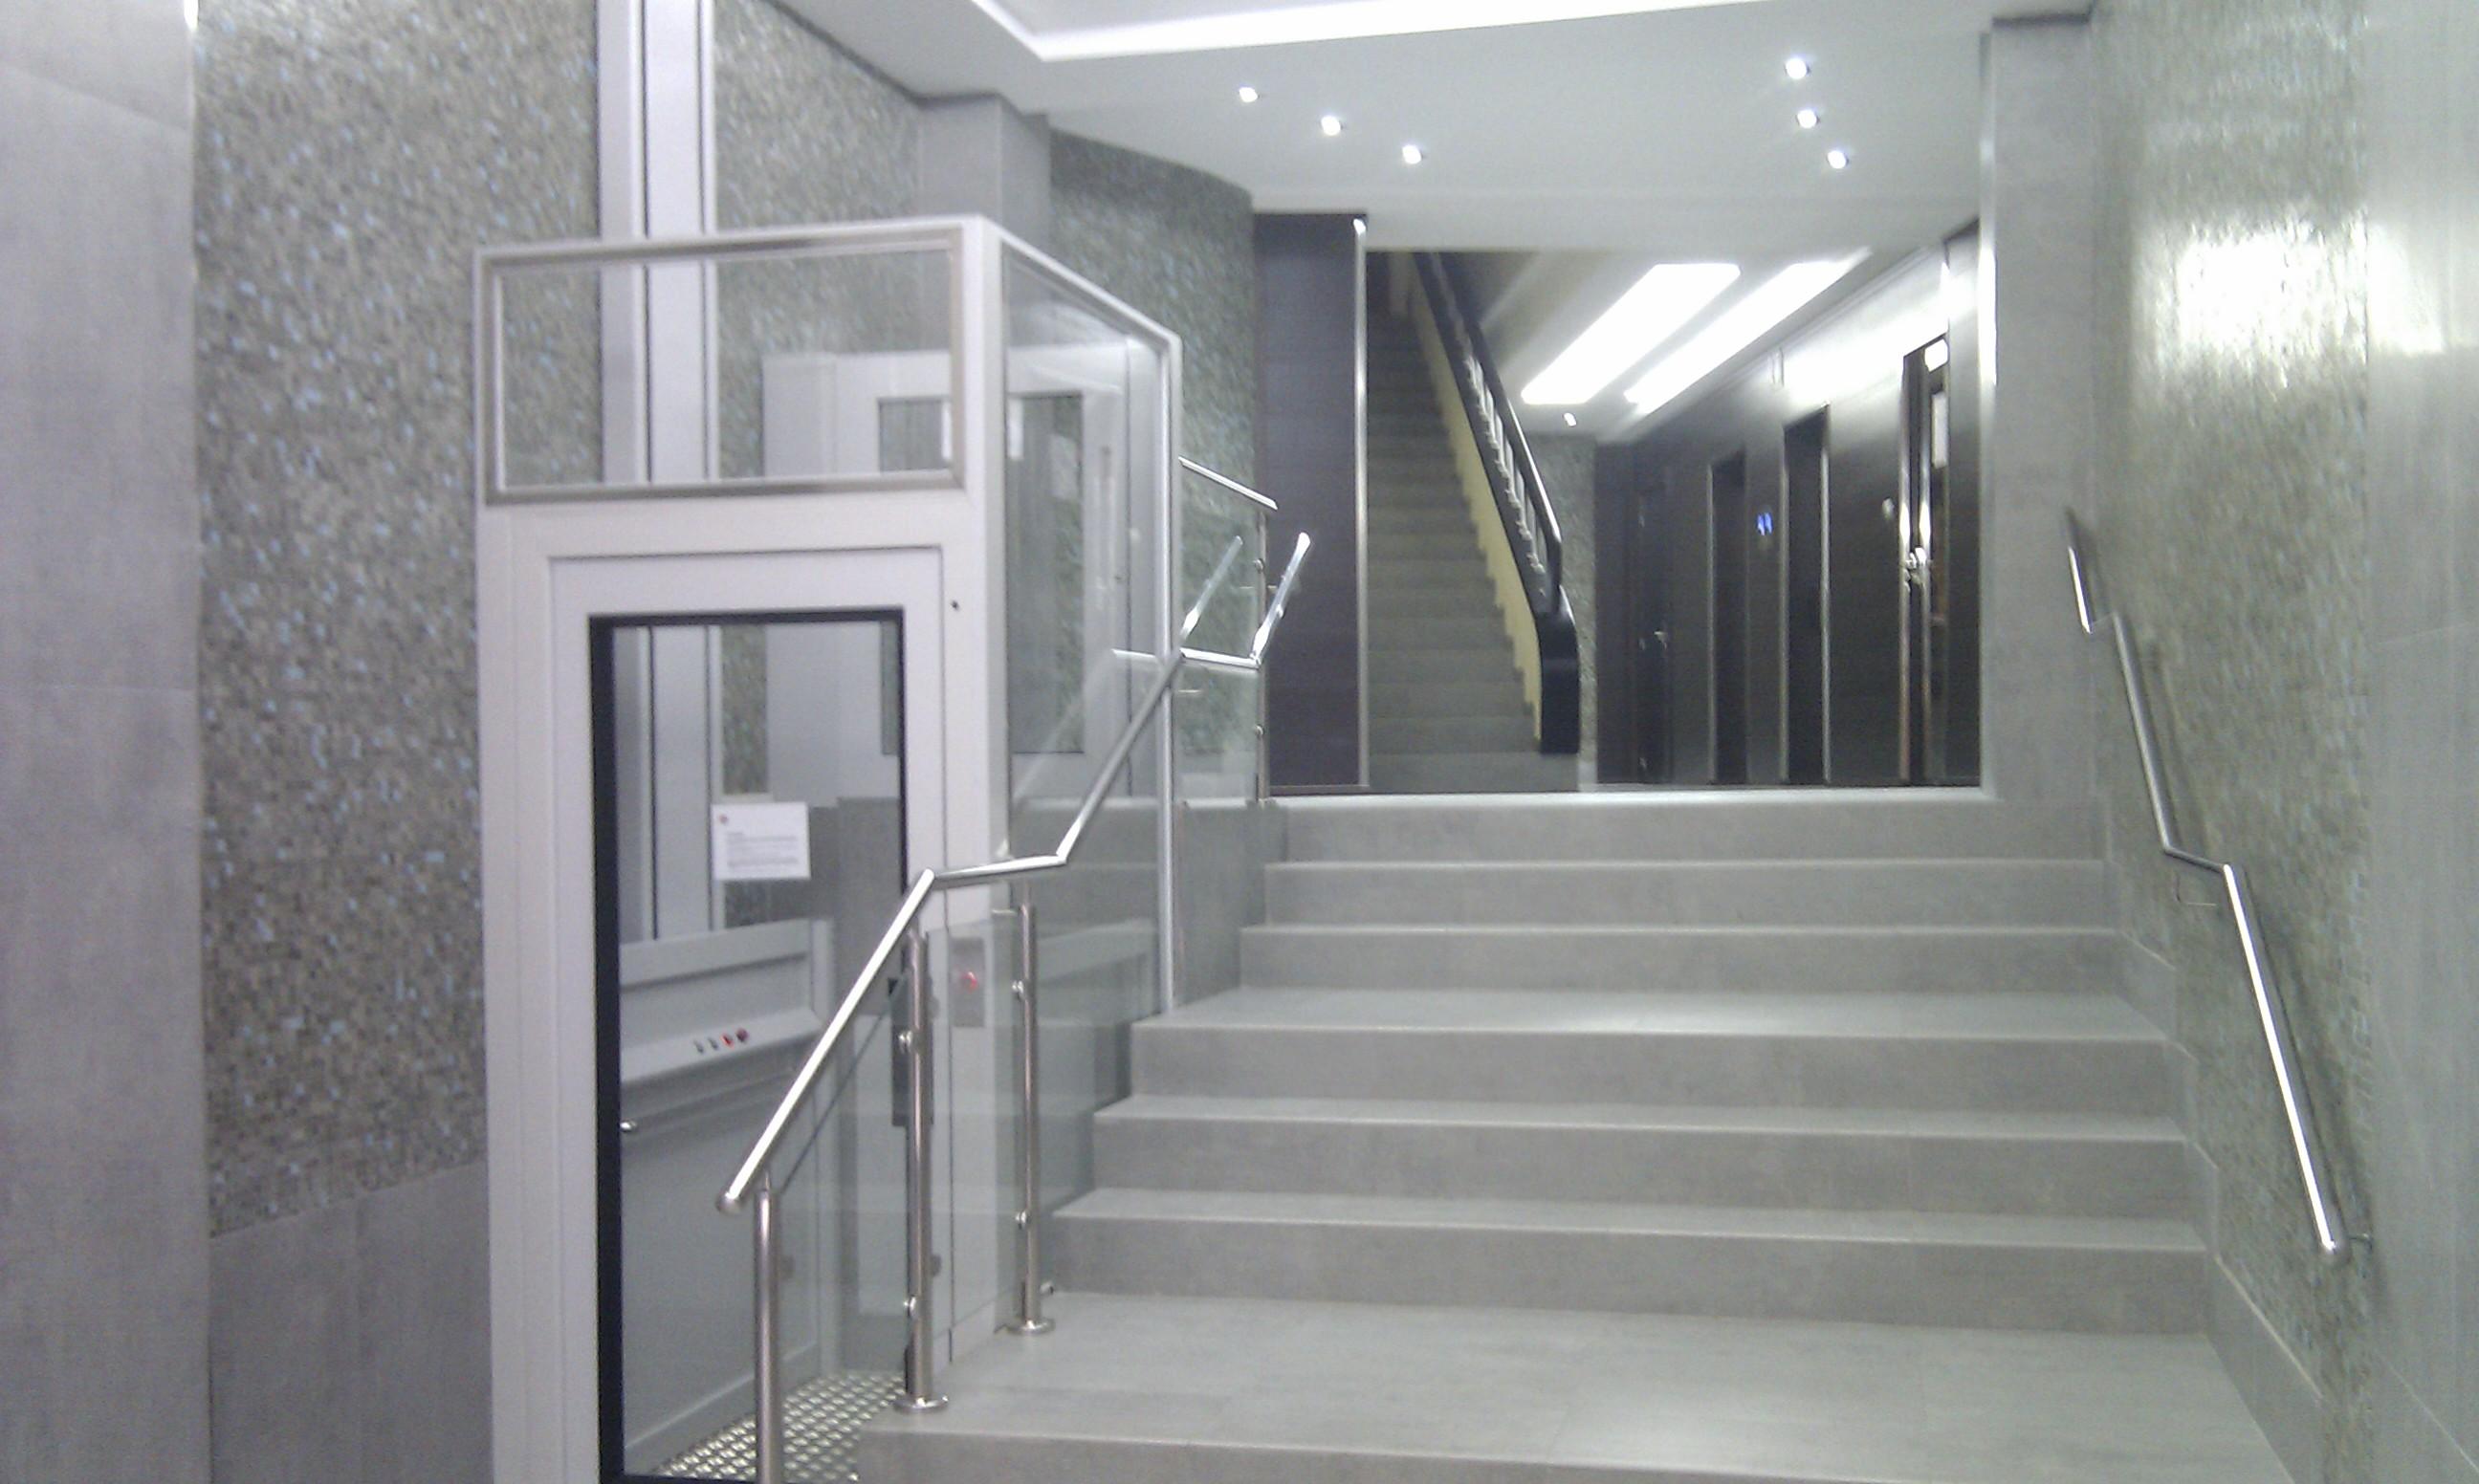 Revestimiento microcemento gris porcelanico reforma en for Apliques para escaleras de comunidad